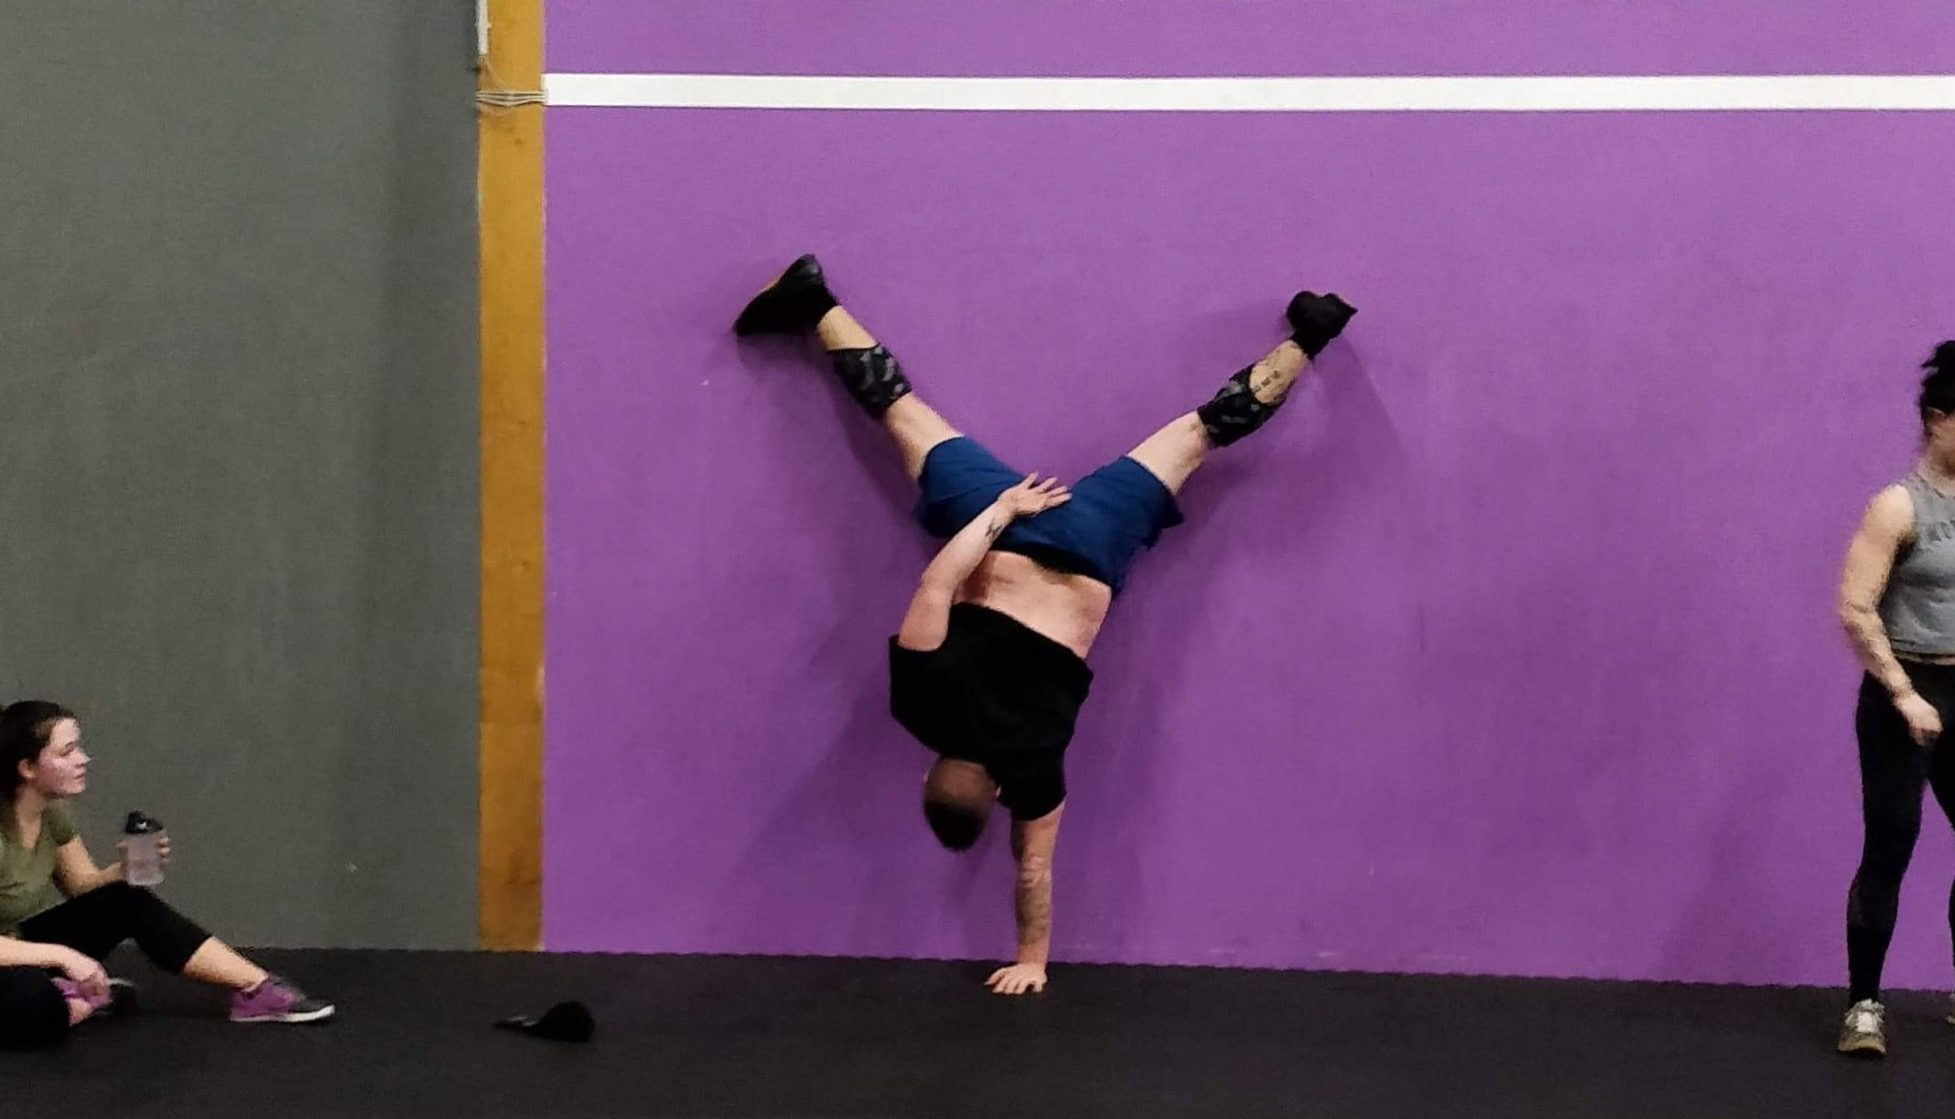 Pierre Handstand